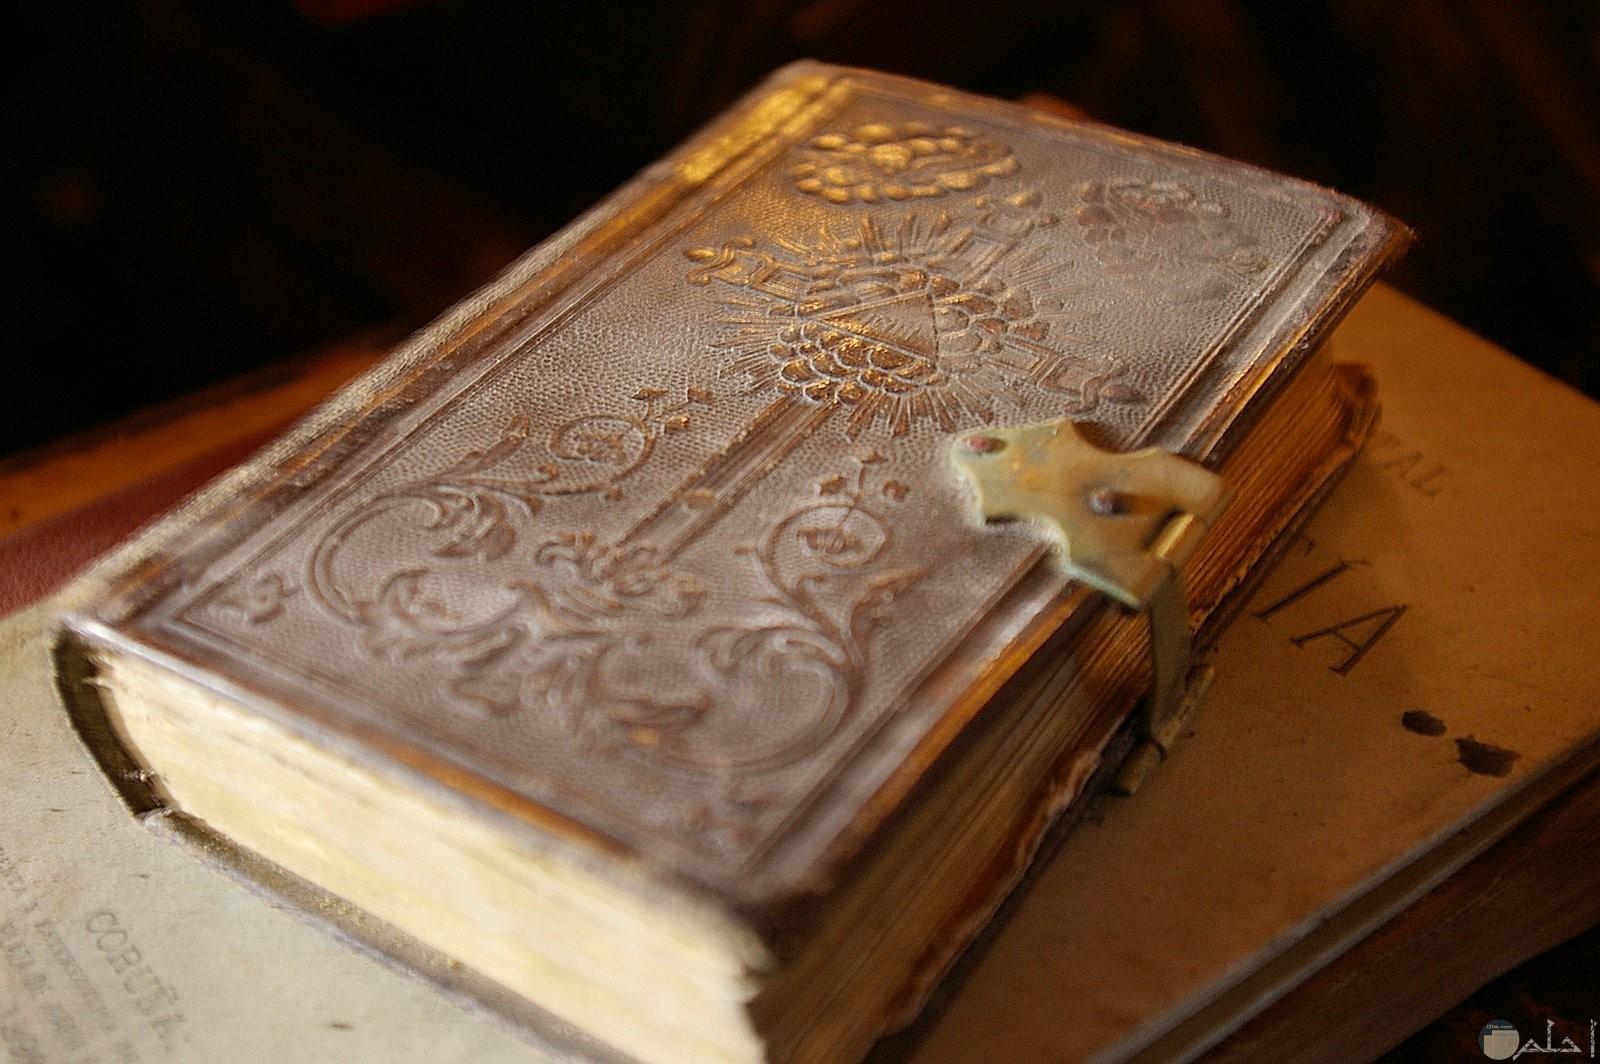 كتاب قديم بغطاء فضي